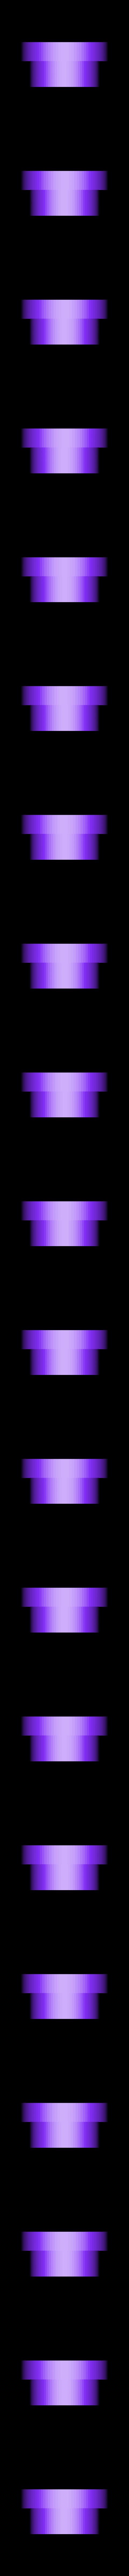 springcap.stl Télécharger fichier STL gratuit Extrudeuse Ultimate creality cr10 (happy edition) (filaments flexibles) • Design à imprimer en 3D, raffosan